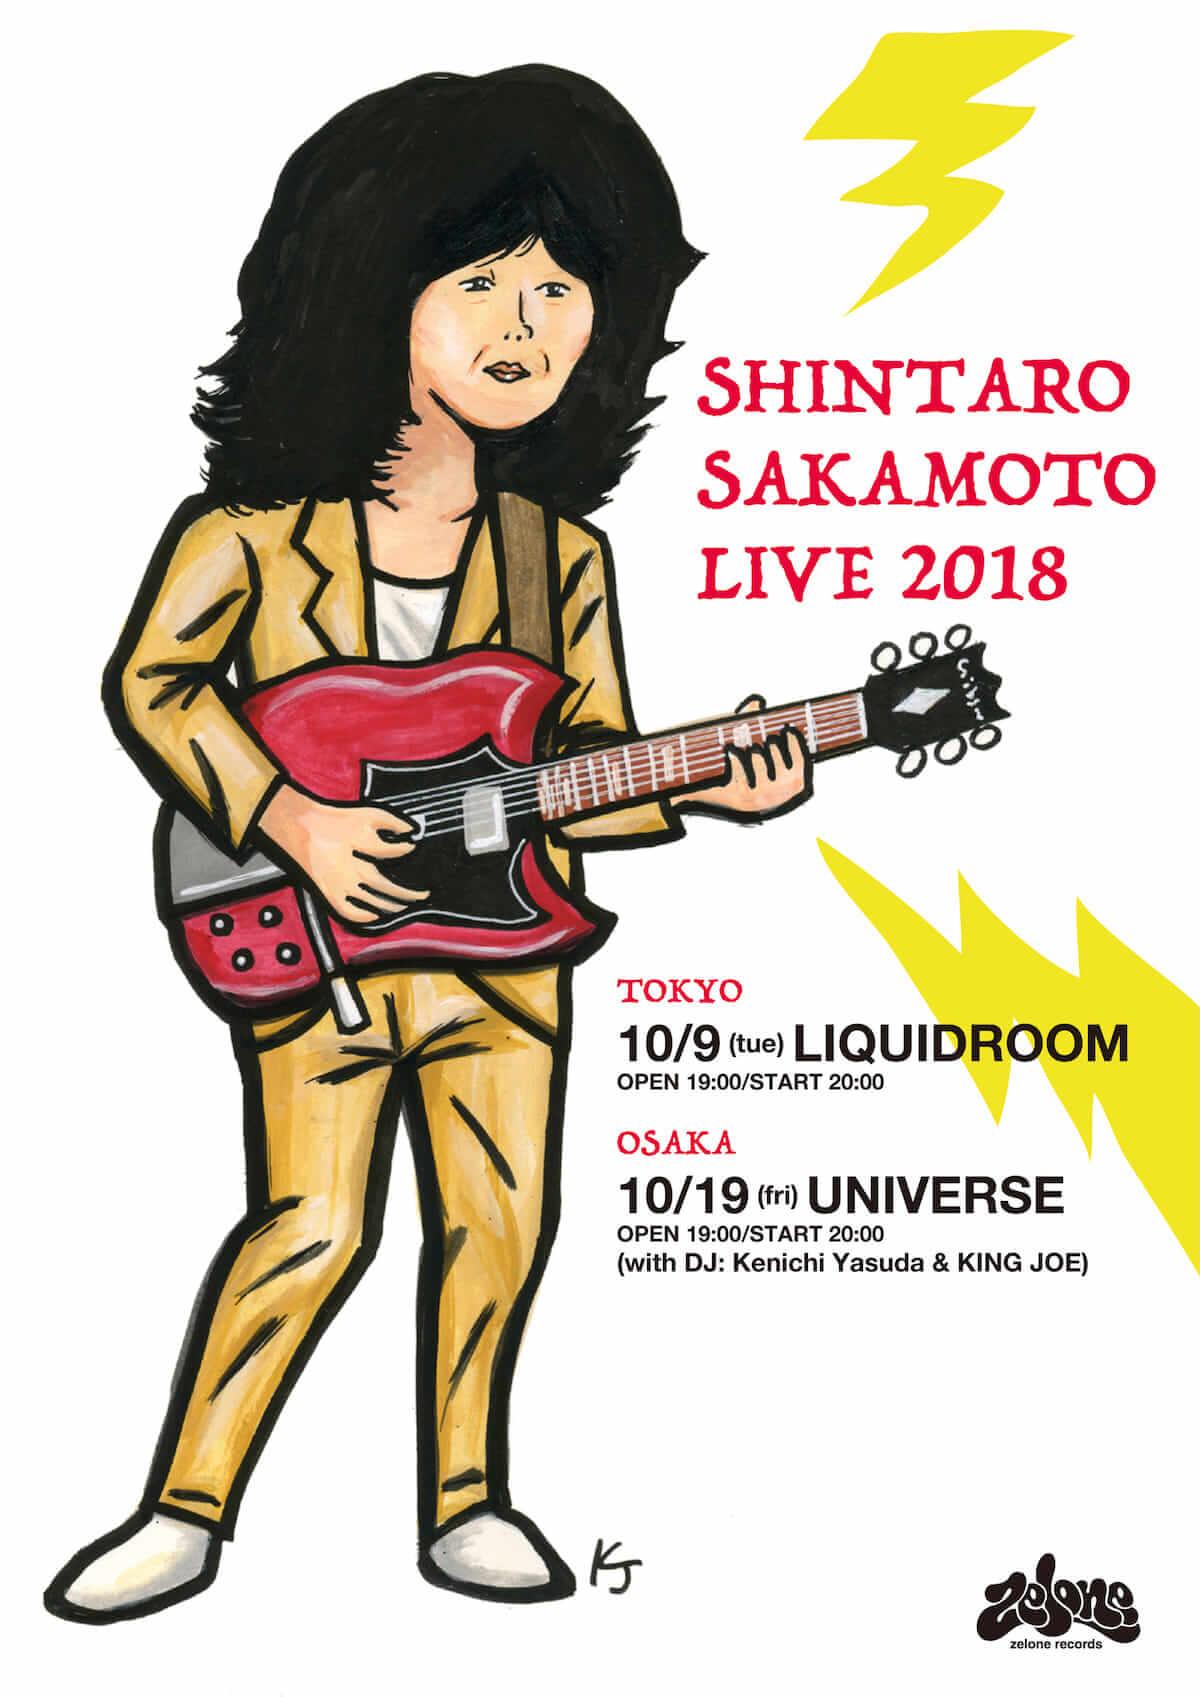 坂本慎太郎、東阪での単独公演が10月に決定 music180630_shintaro_sakamoto_1-1200x1697